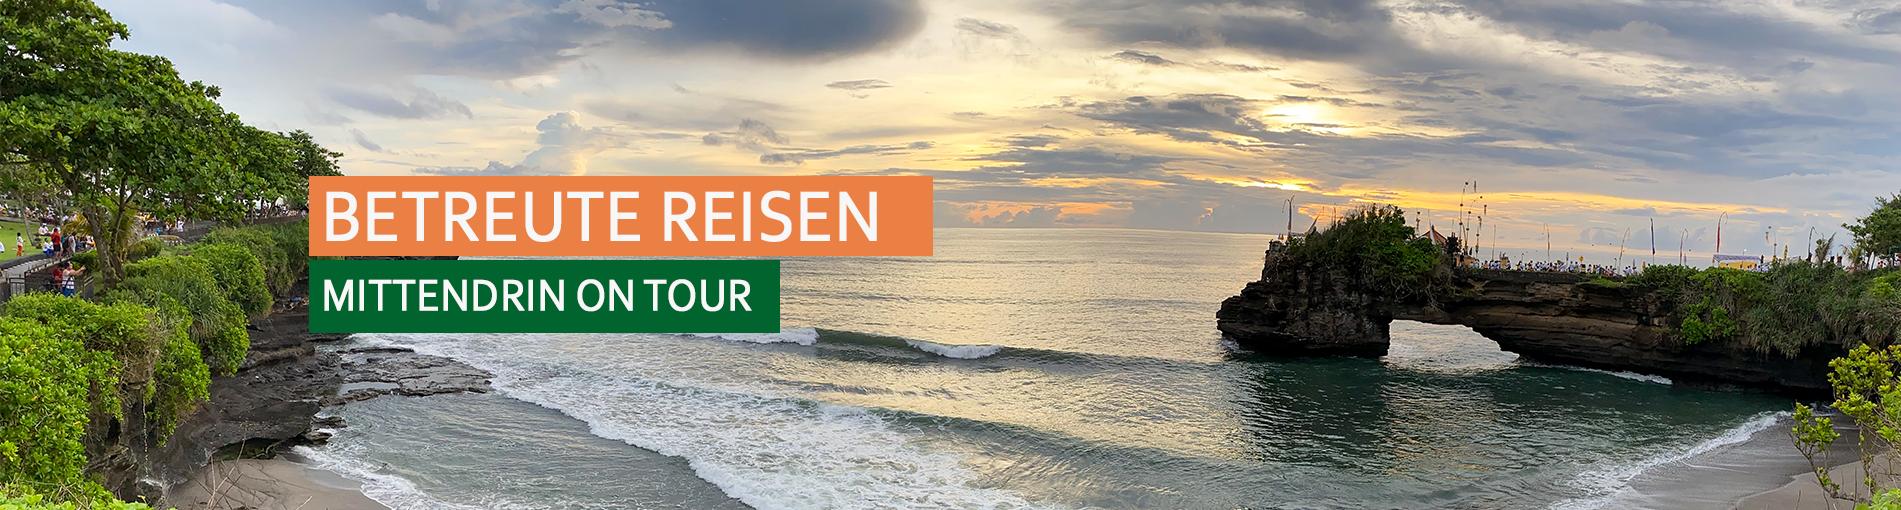 Headerbild Betreute Reisen - Strandpanorama mit Klippe rechts und Sonnenuntergang